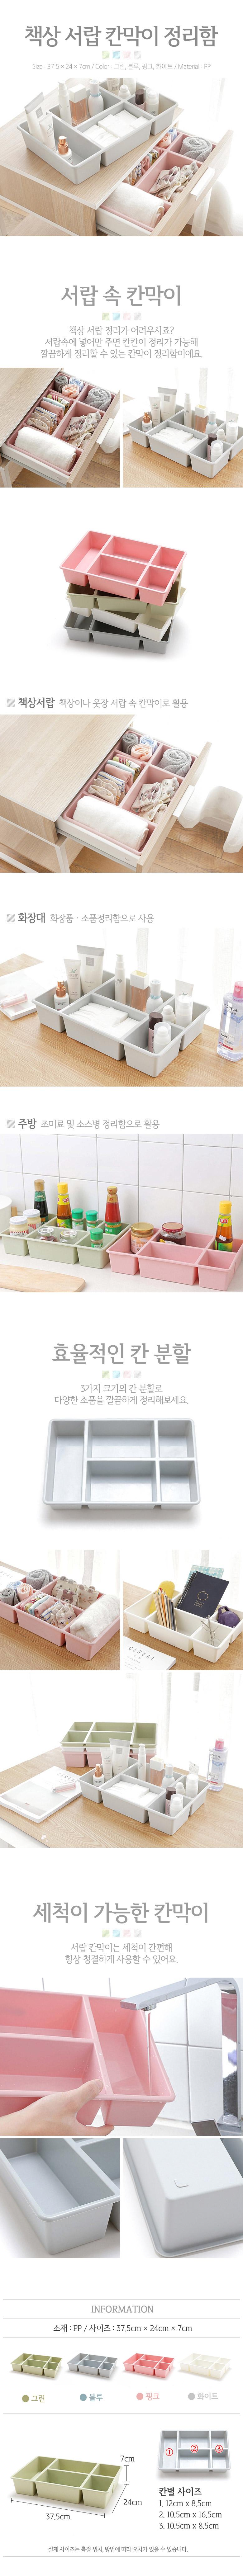 책상 서랍정리함 - 삼도, 4,900원, 서랍장, 서랍 정리/칸막이